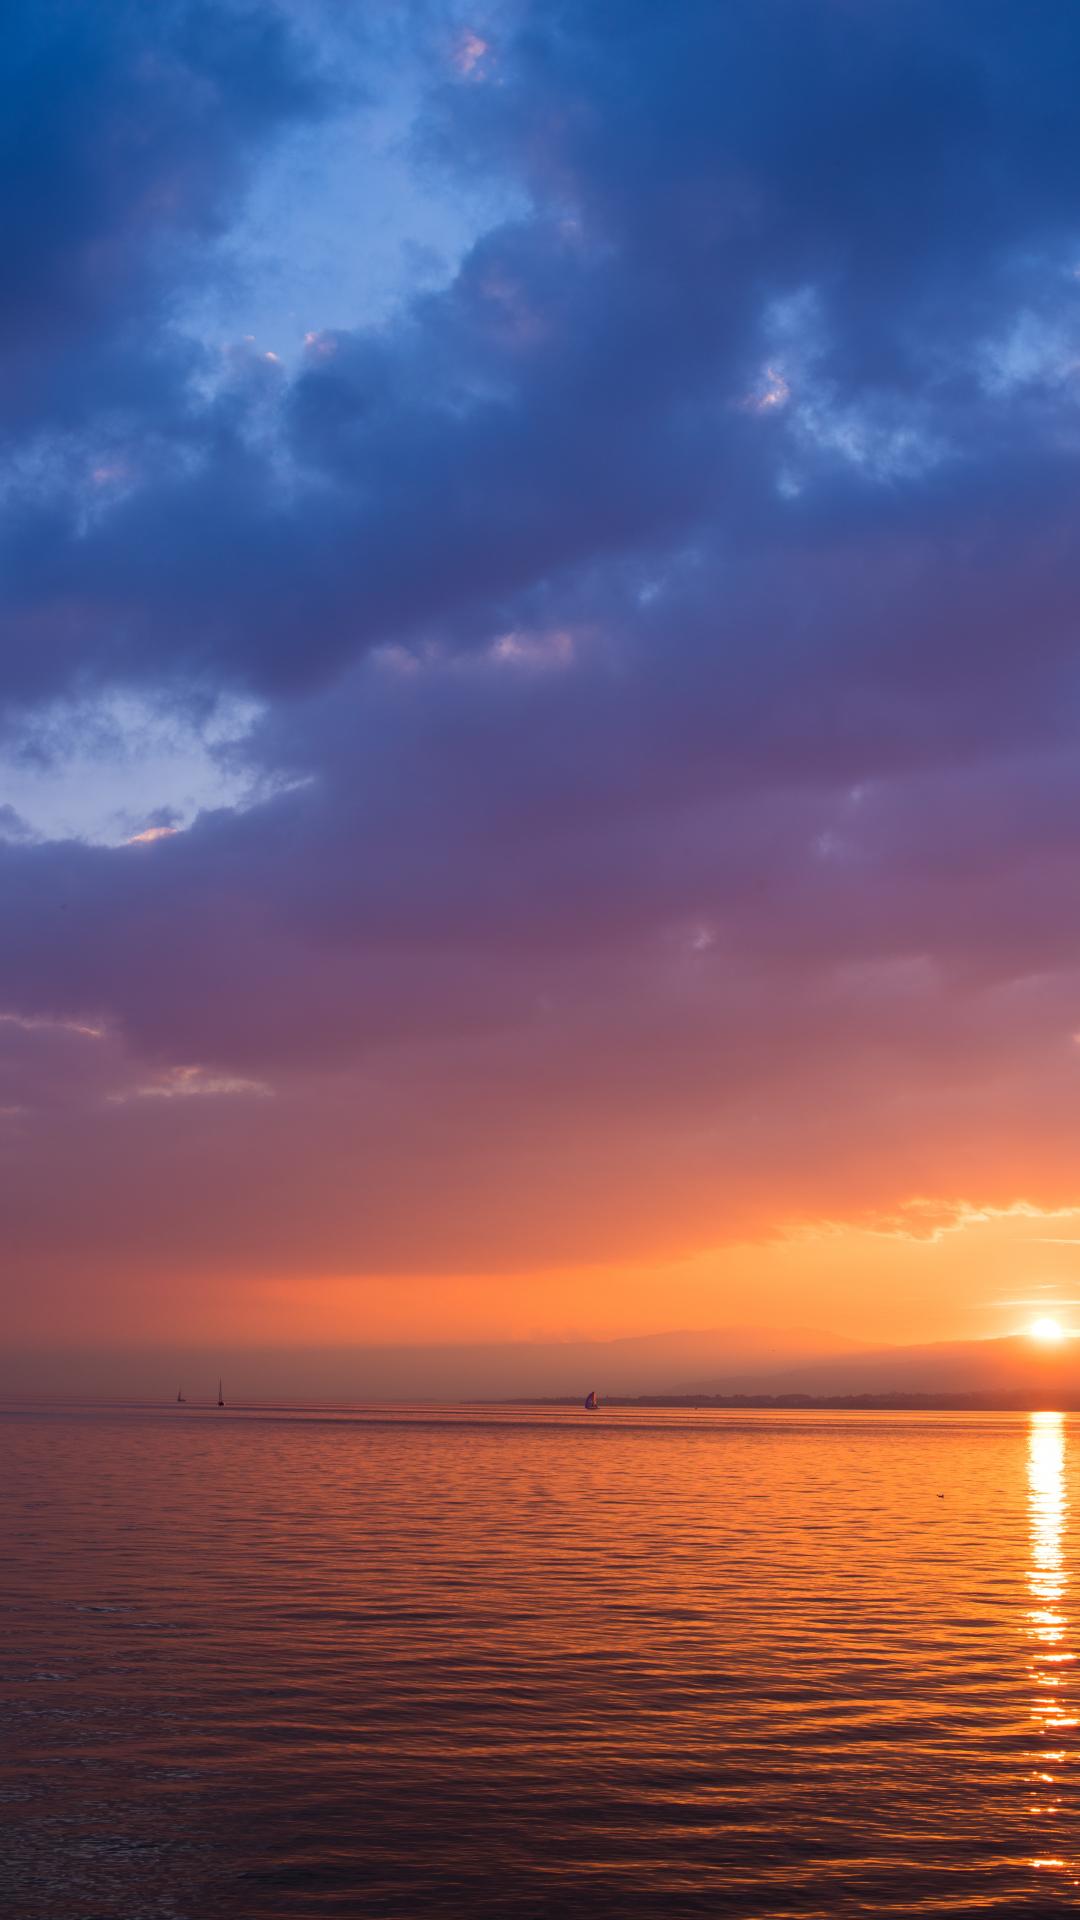 Ocean Sunset iPhone Wallpaper